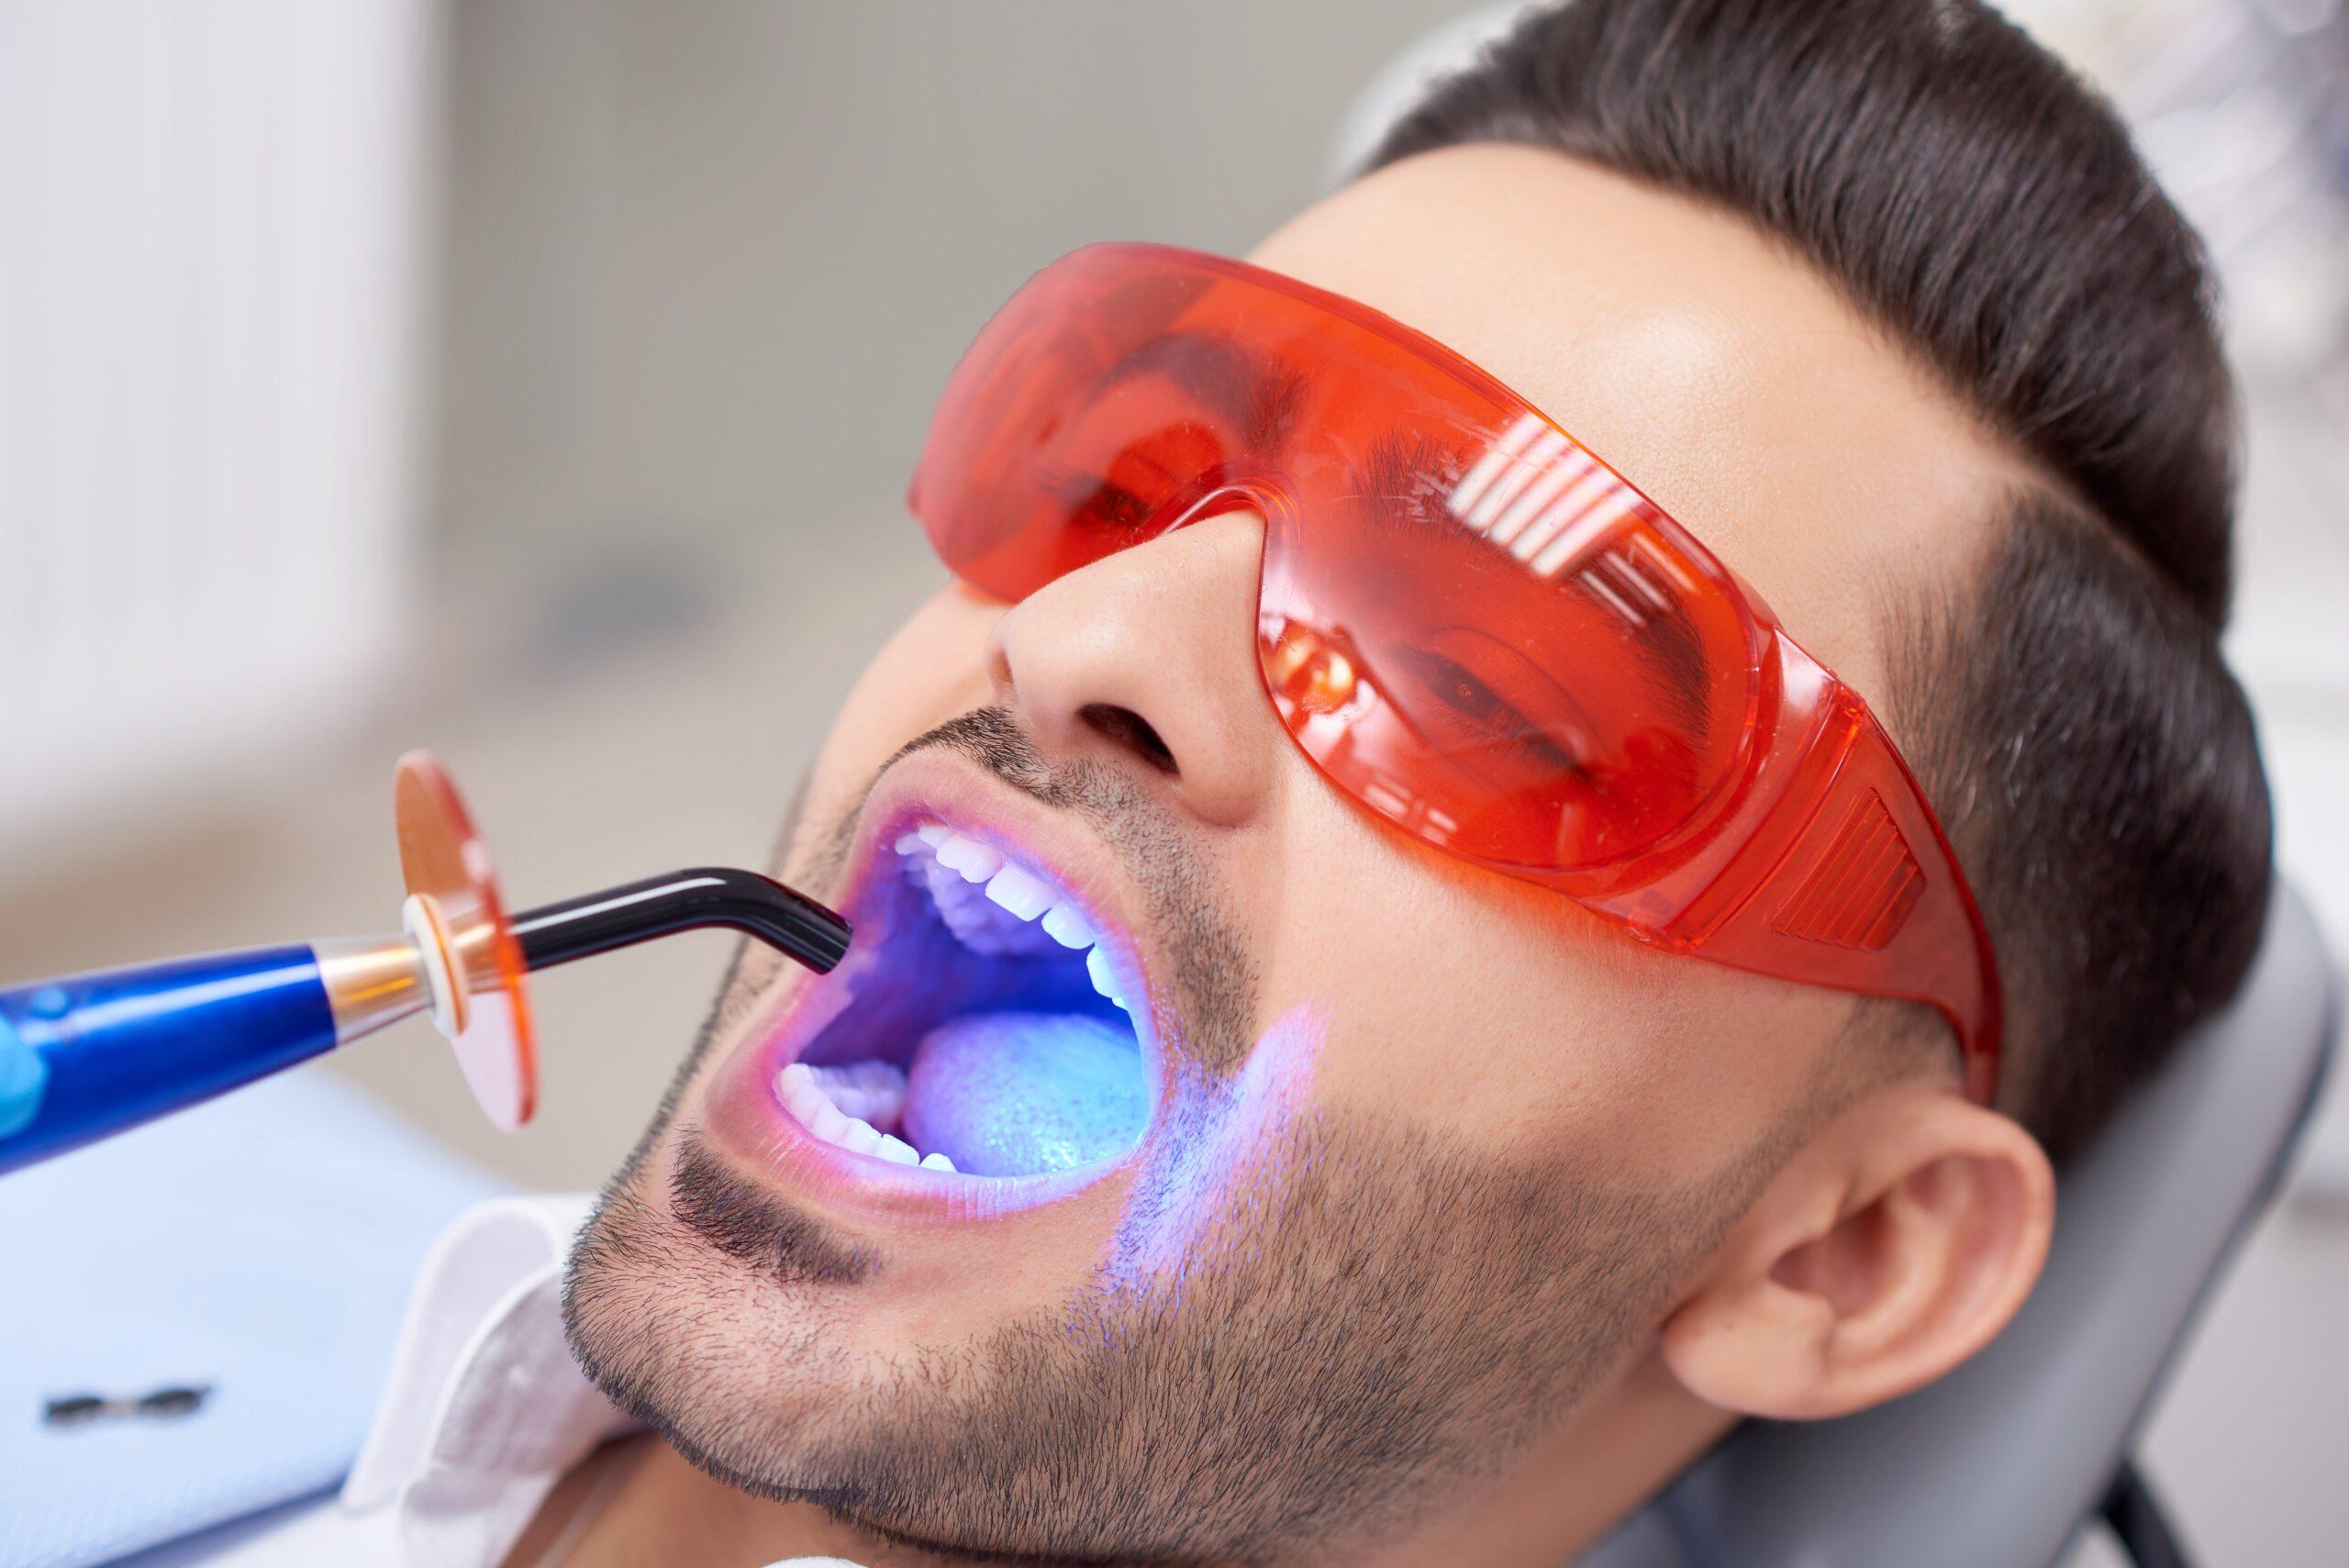 Стоматолог гигиенист: что делает и что лечит